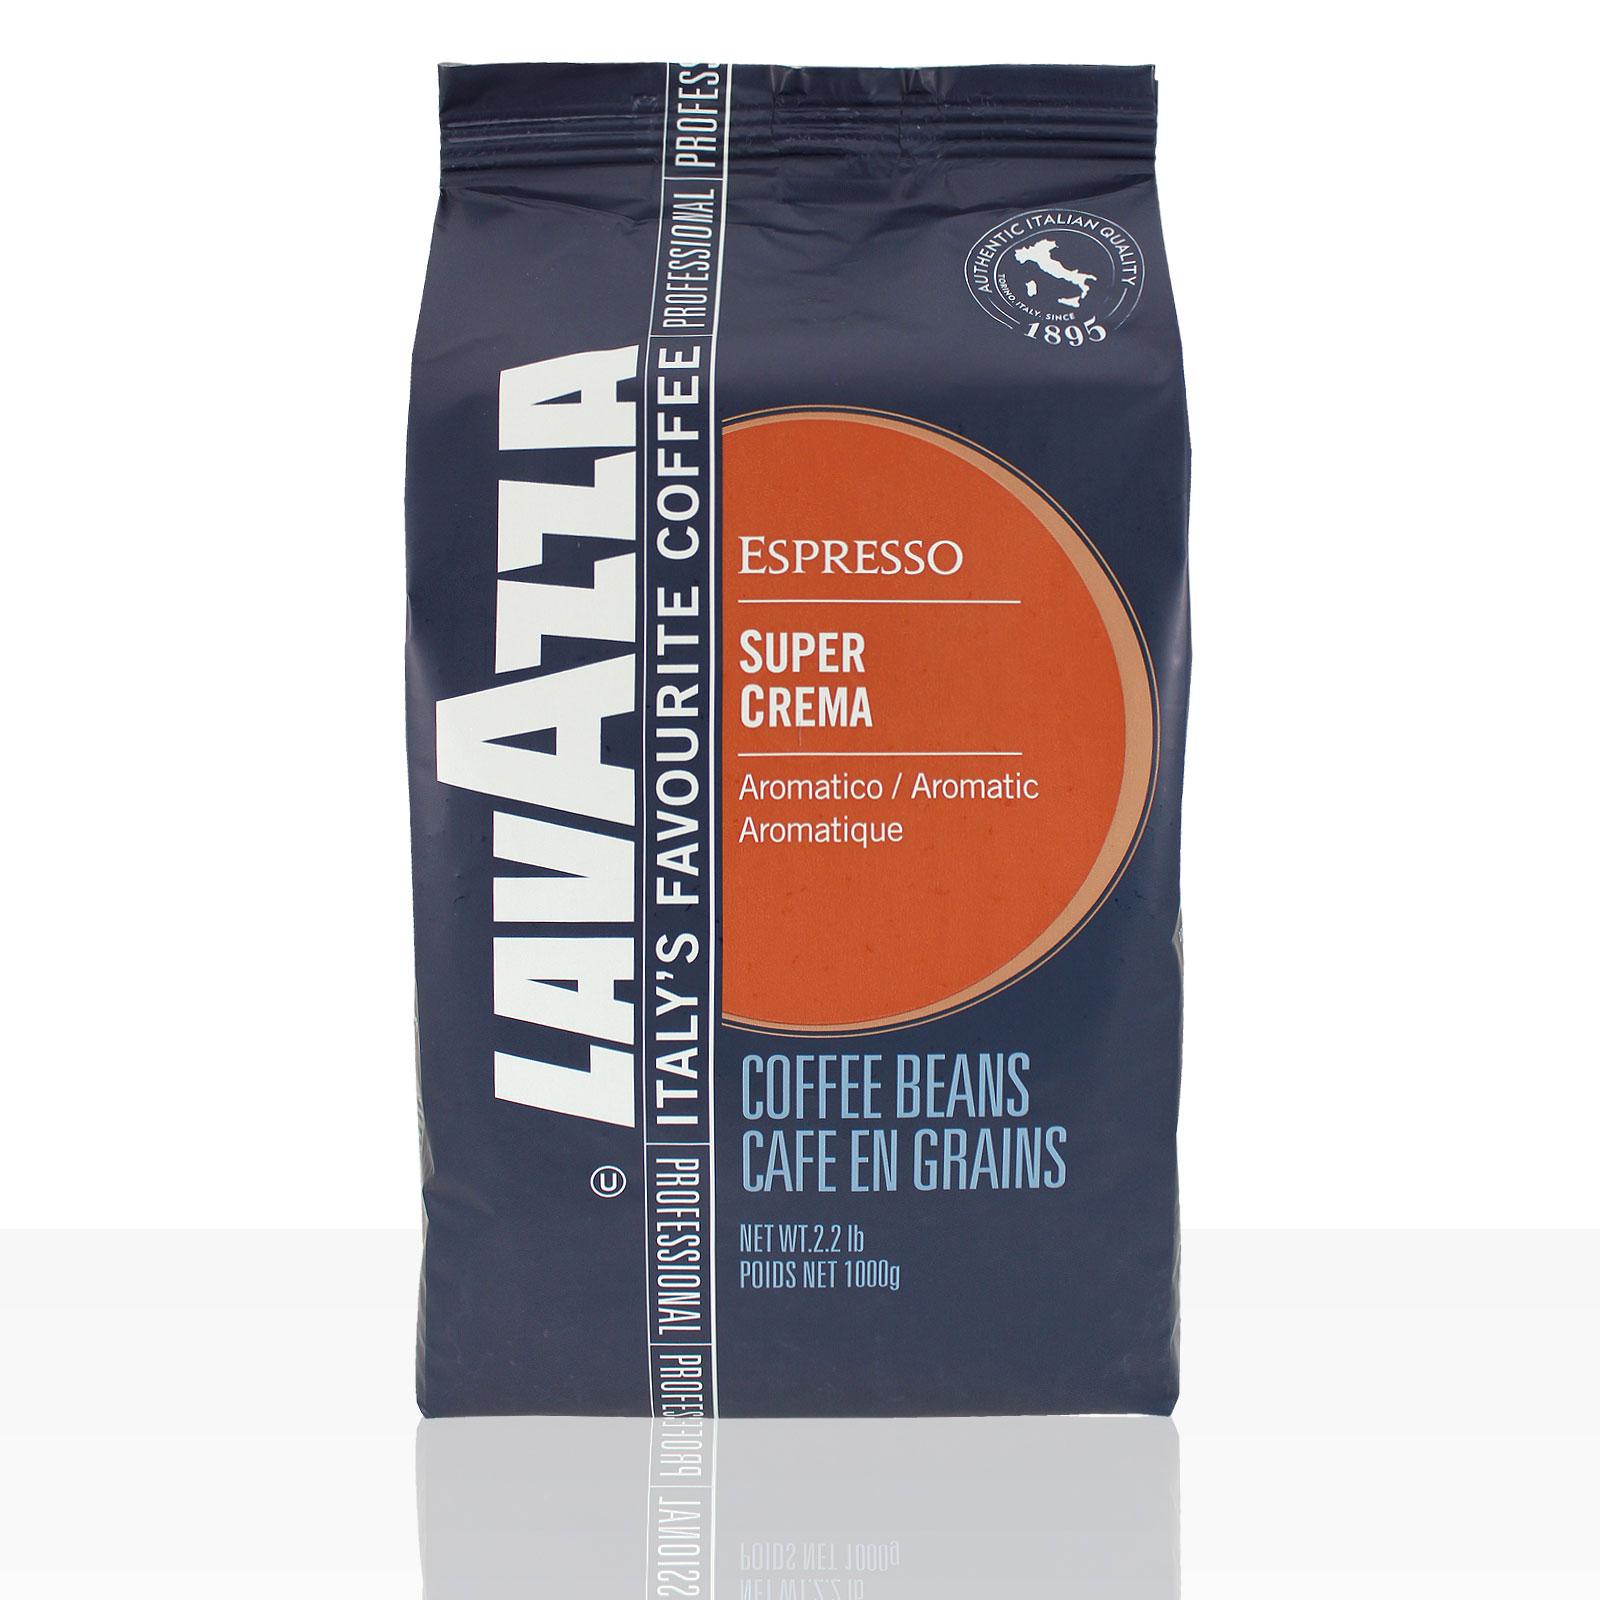 Lavazza Espresso Super Crema 6 x 1kg ganze Kaffee-Bohne